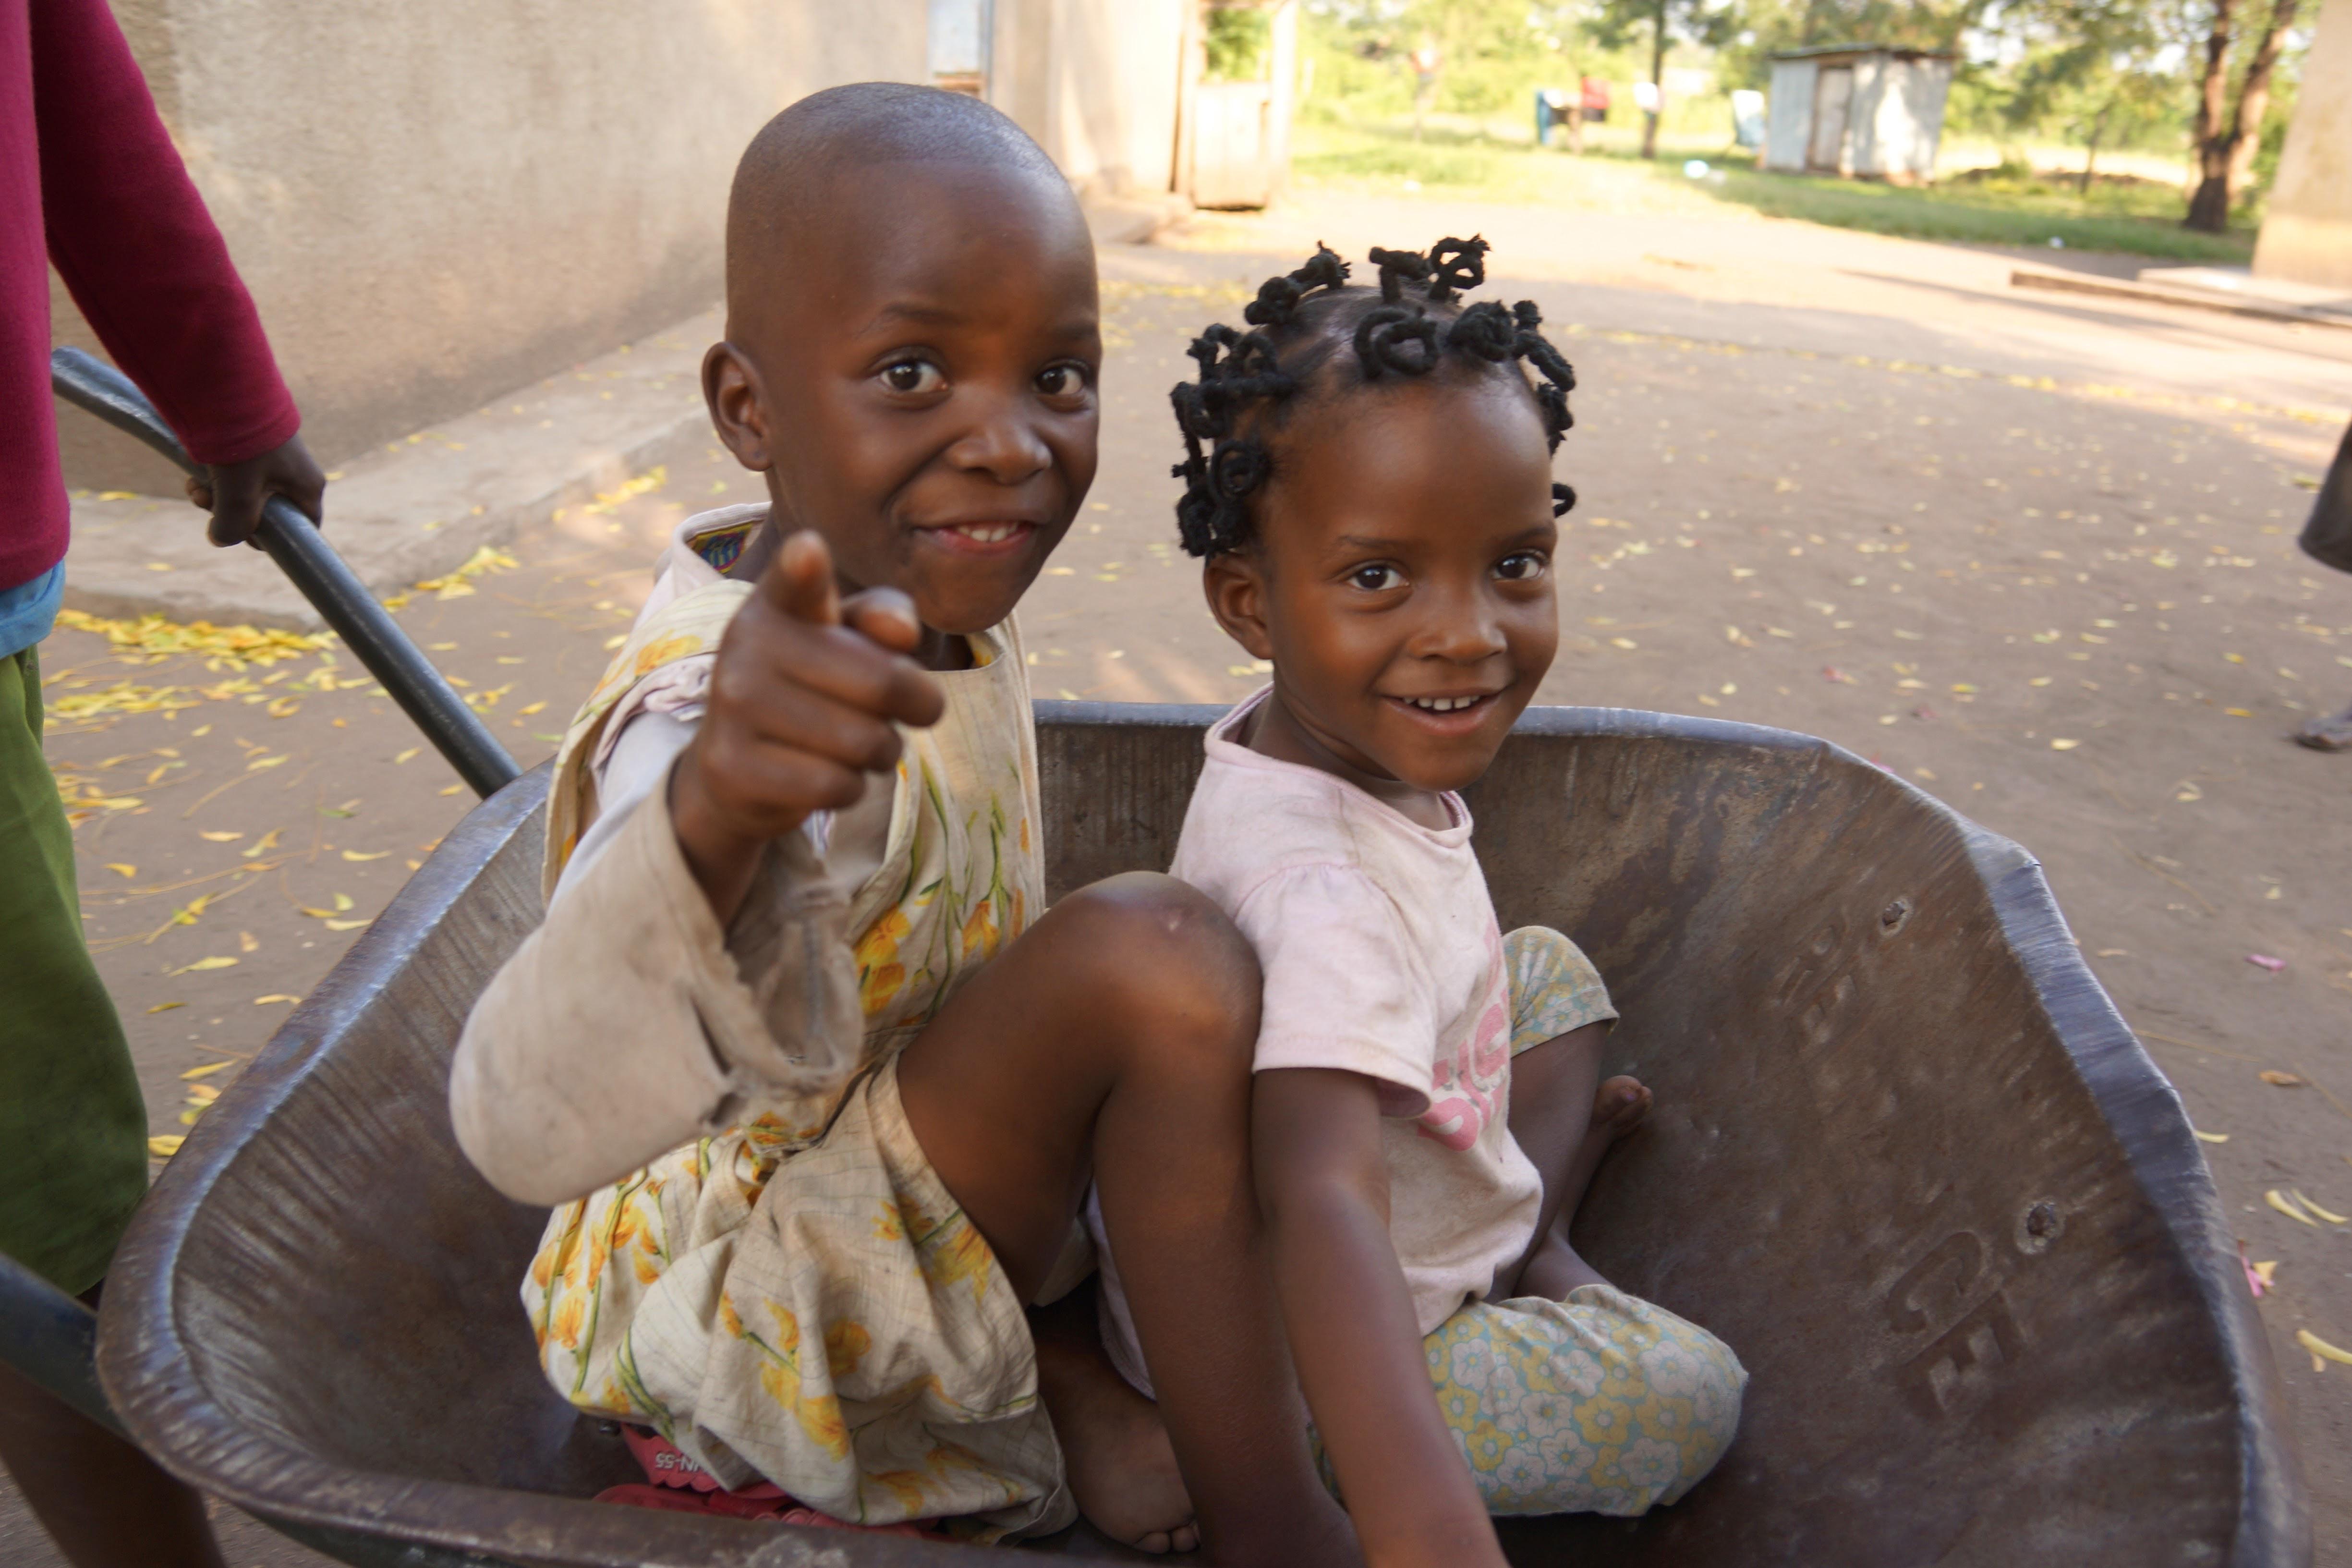 2 Ugandan girls in wheelbarrow